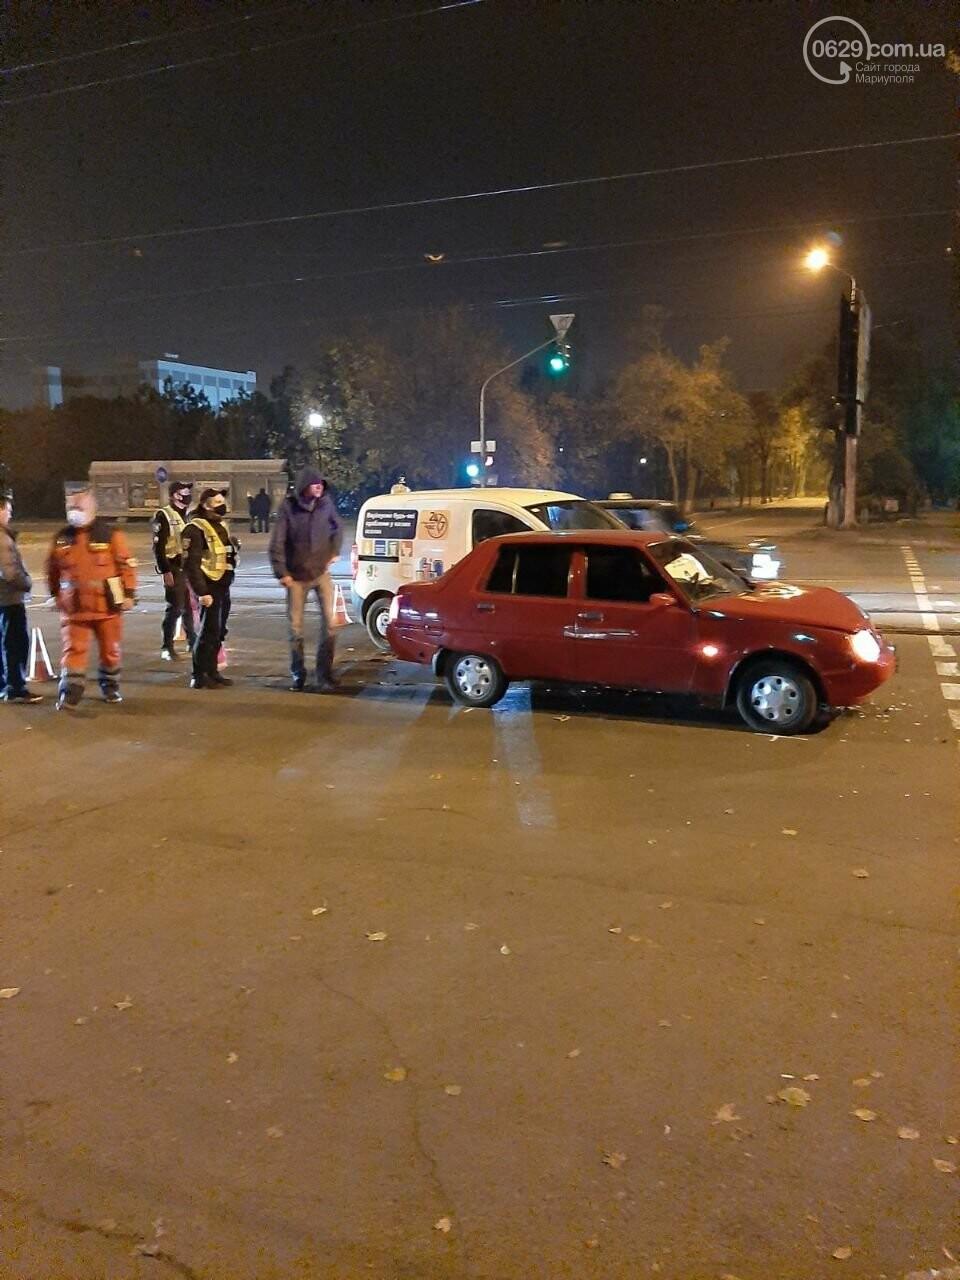 В ДТП на ул. Покрышкина пострадала девушка, - ФОТО, фото-4